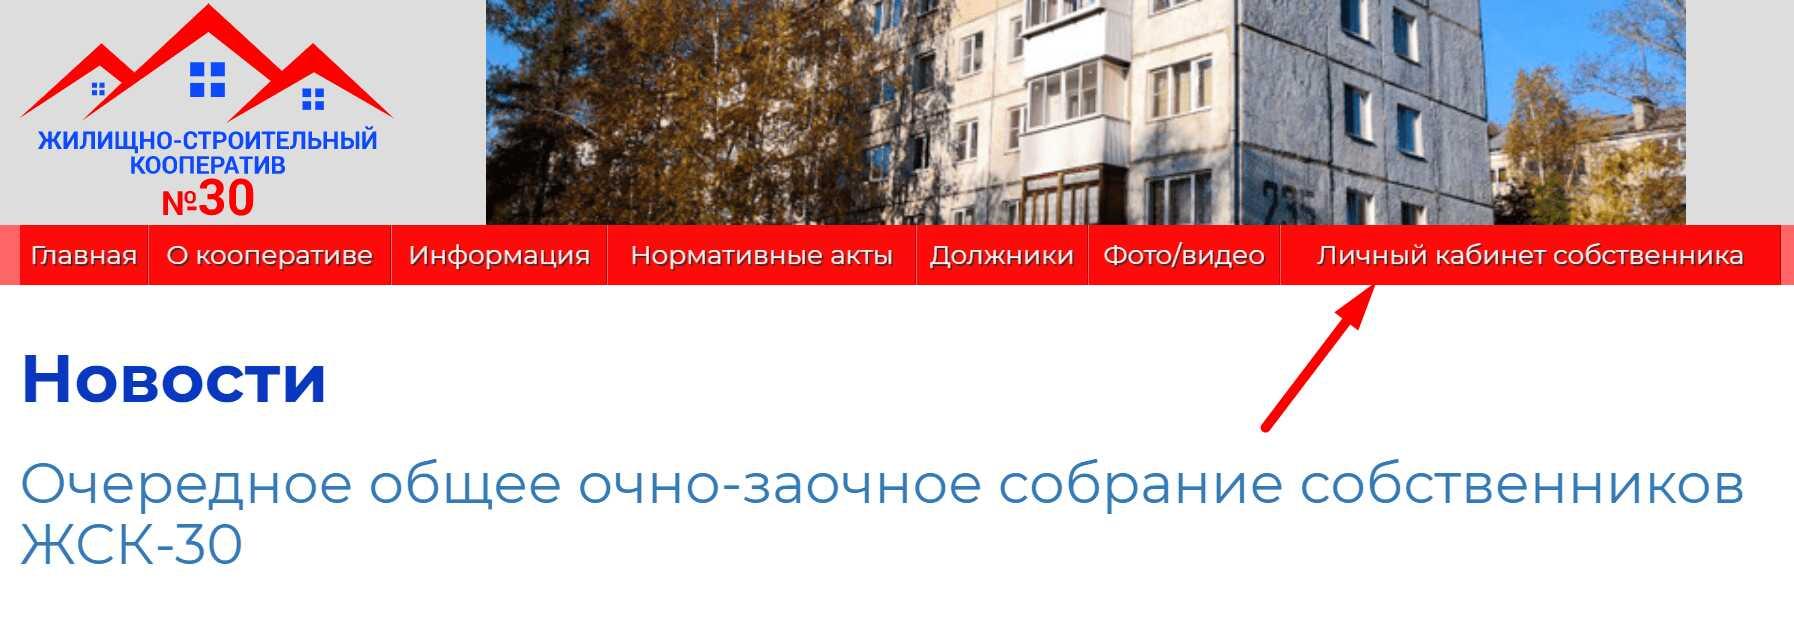 Официальный сайт жилищно-строительного кооператива «жск-30.рф»